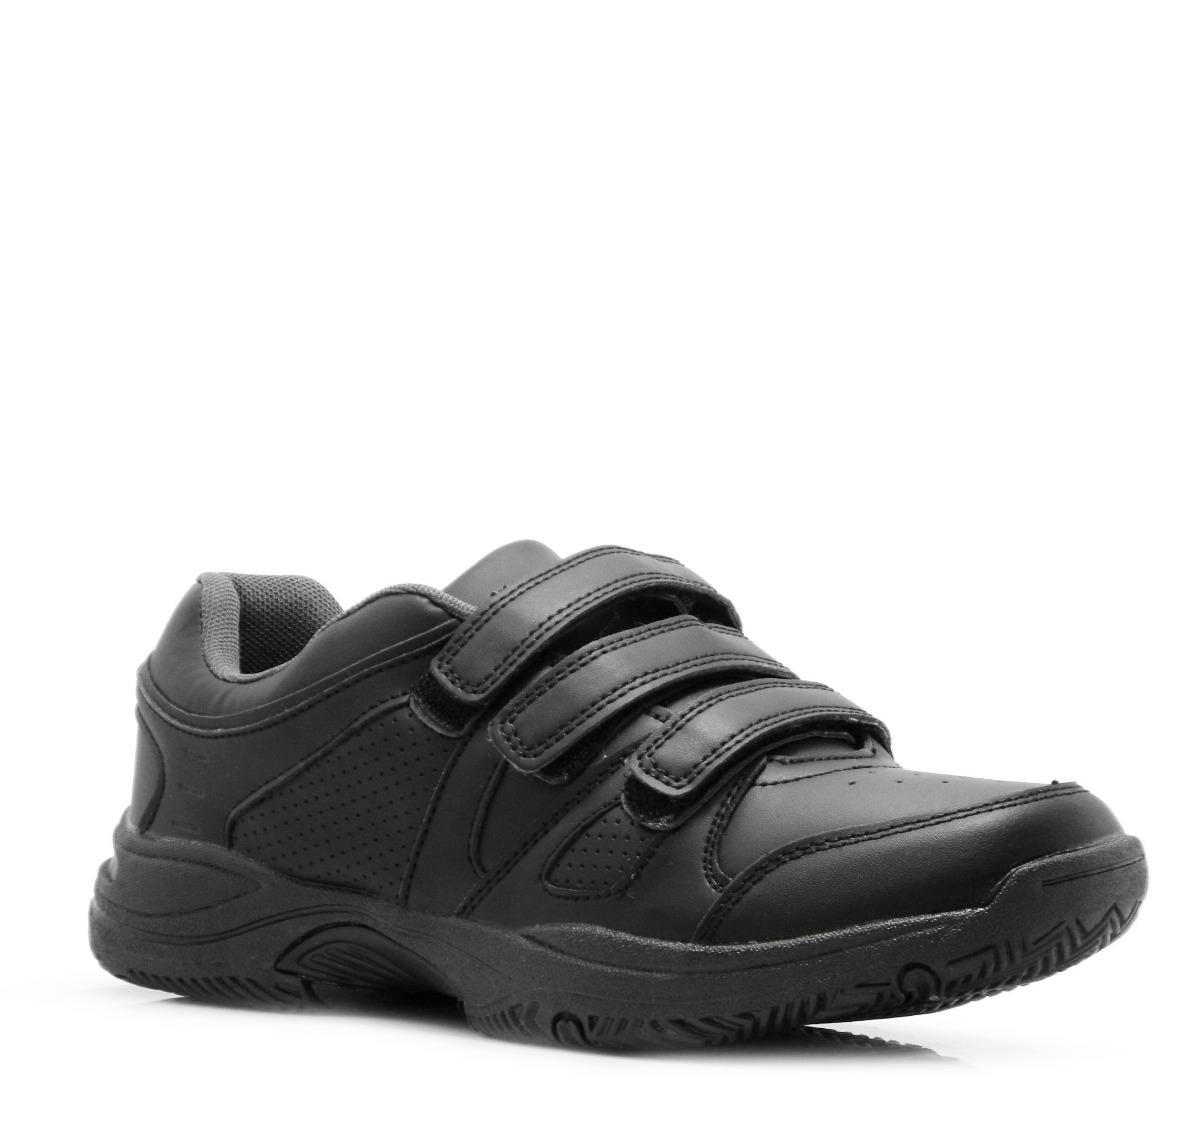 c8dd6242a zapatilla niño negra marcel escolares. Cargando zoom.